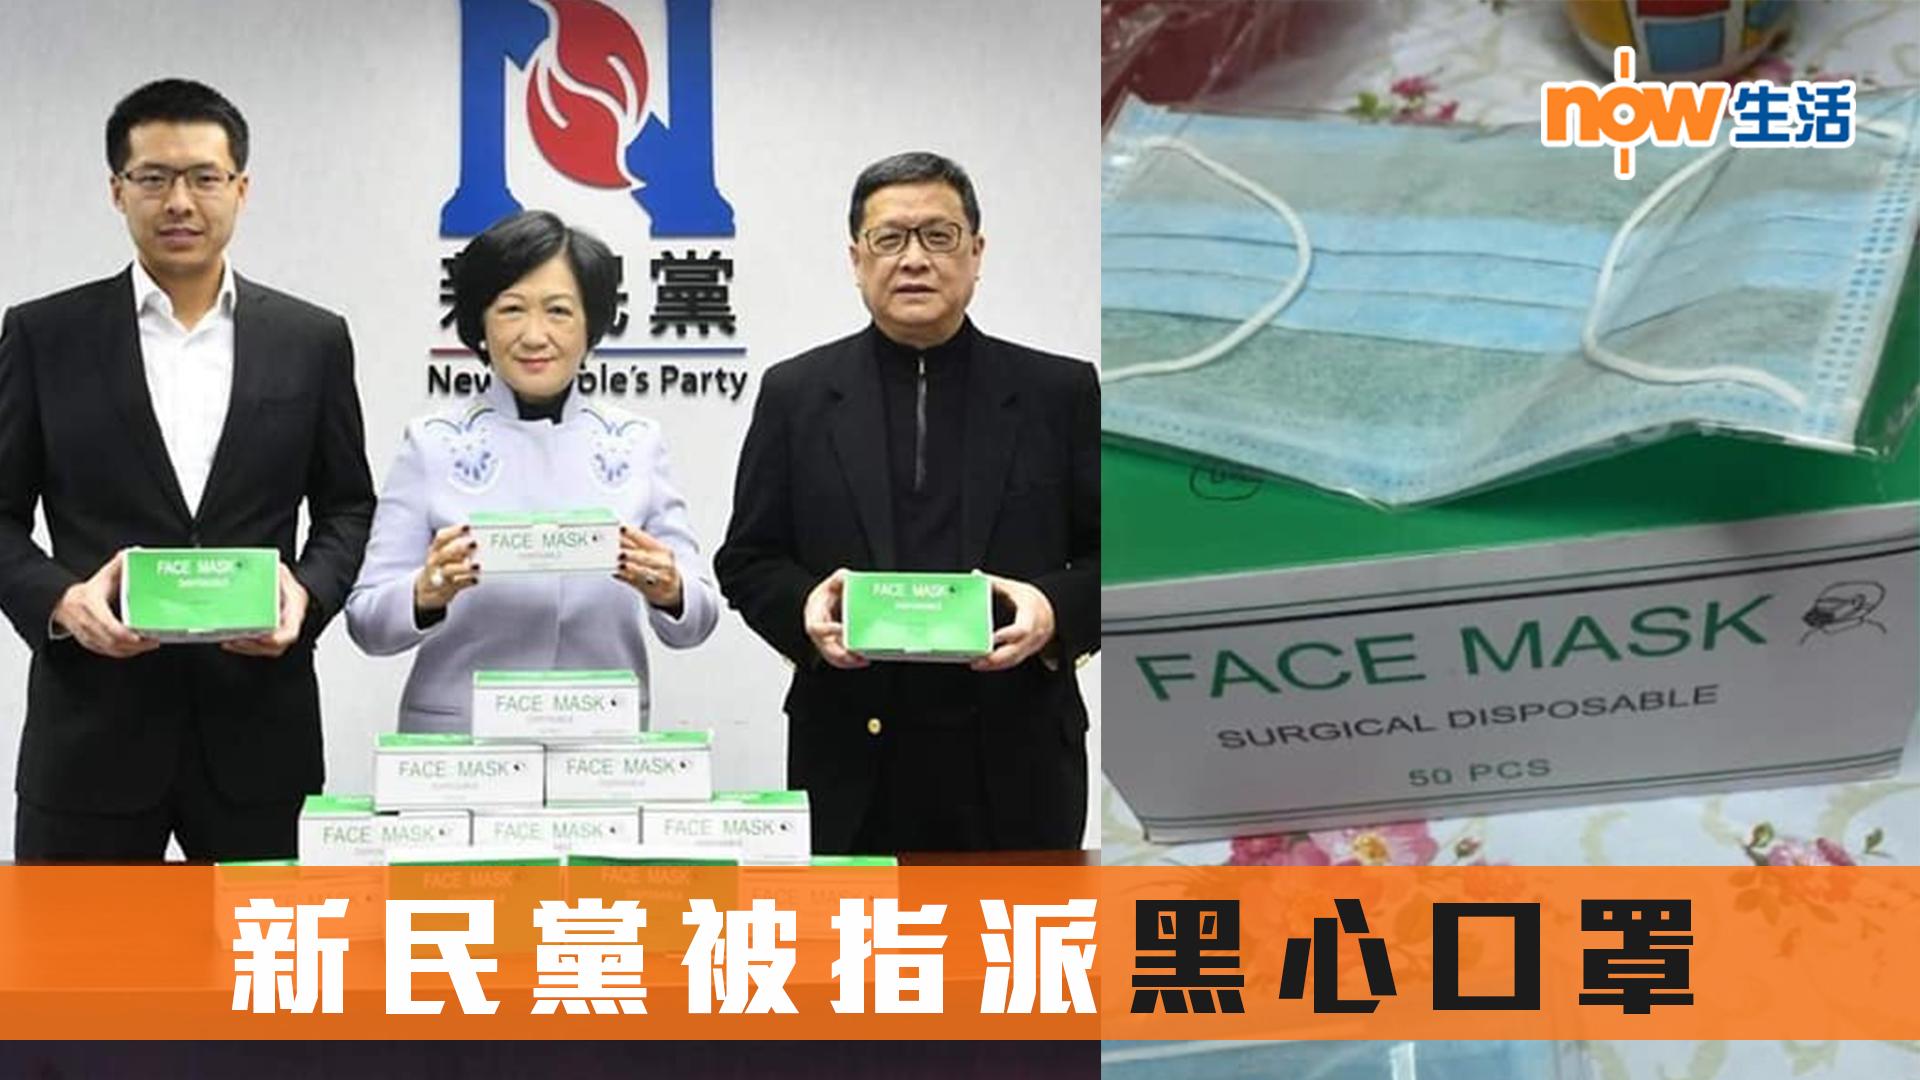 新民黨宣布將派口罩到安老院 網民:黑心口罩當寶